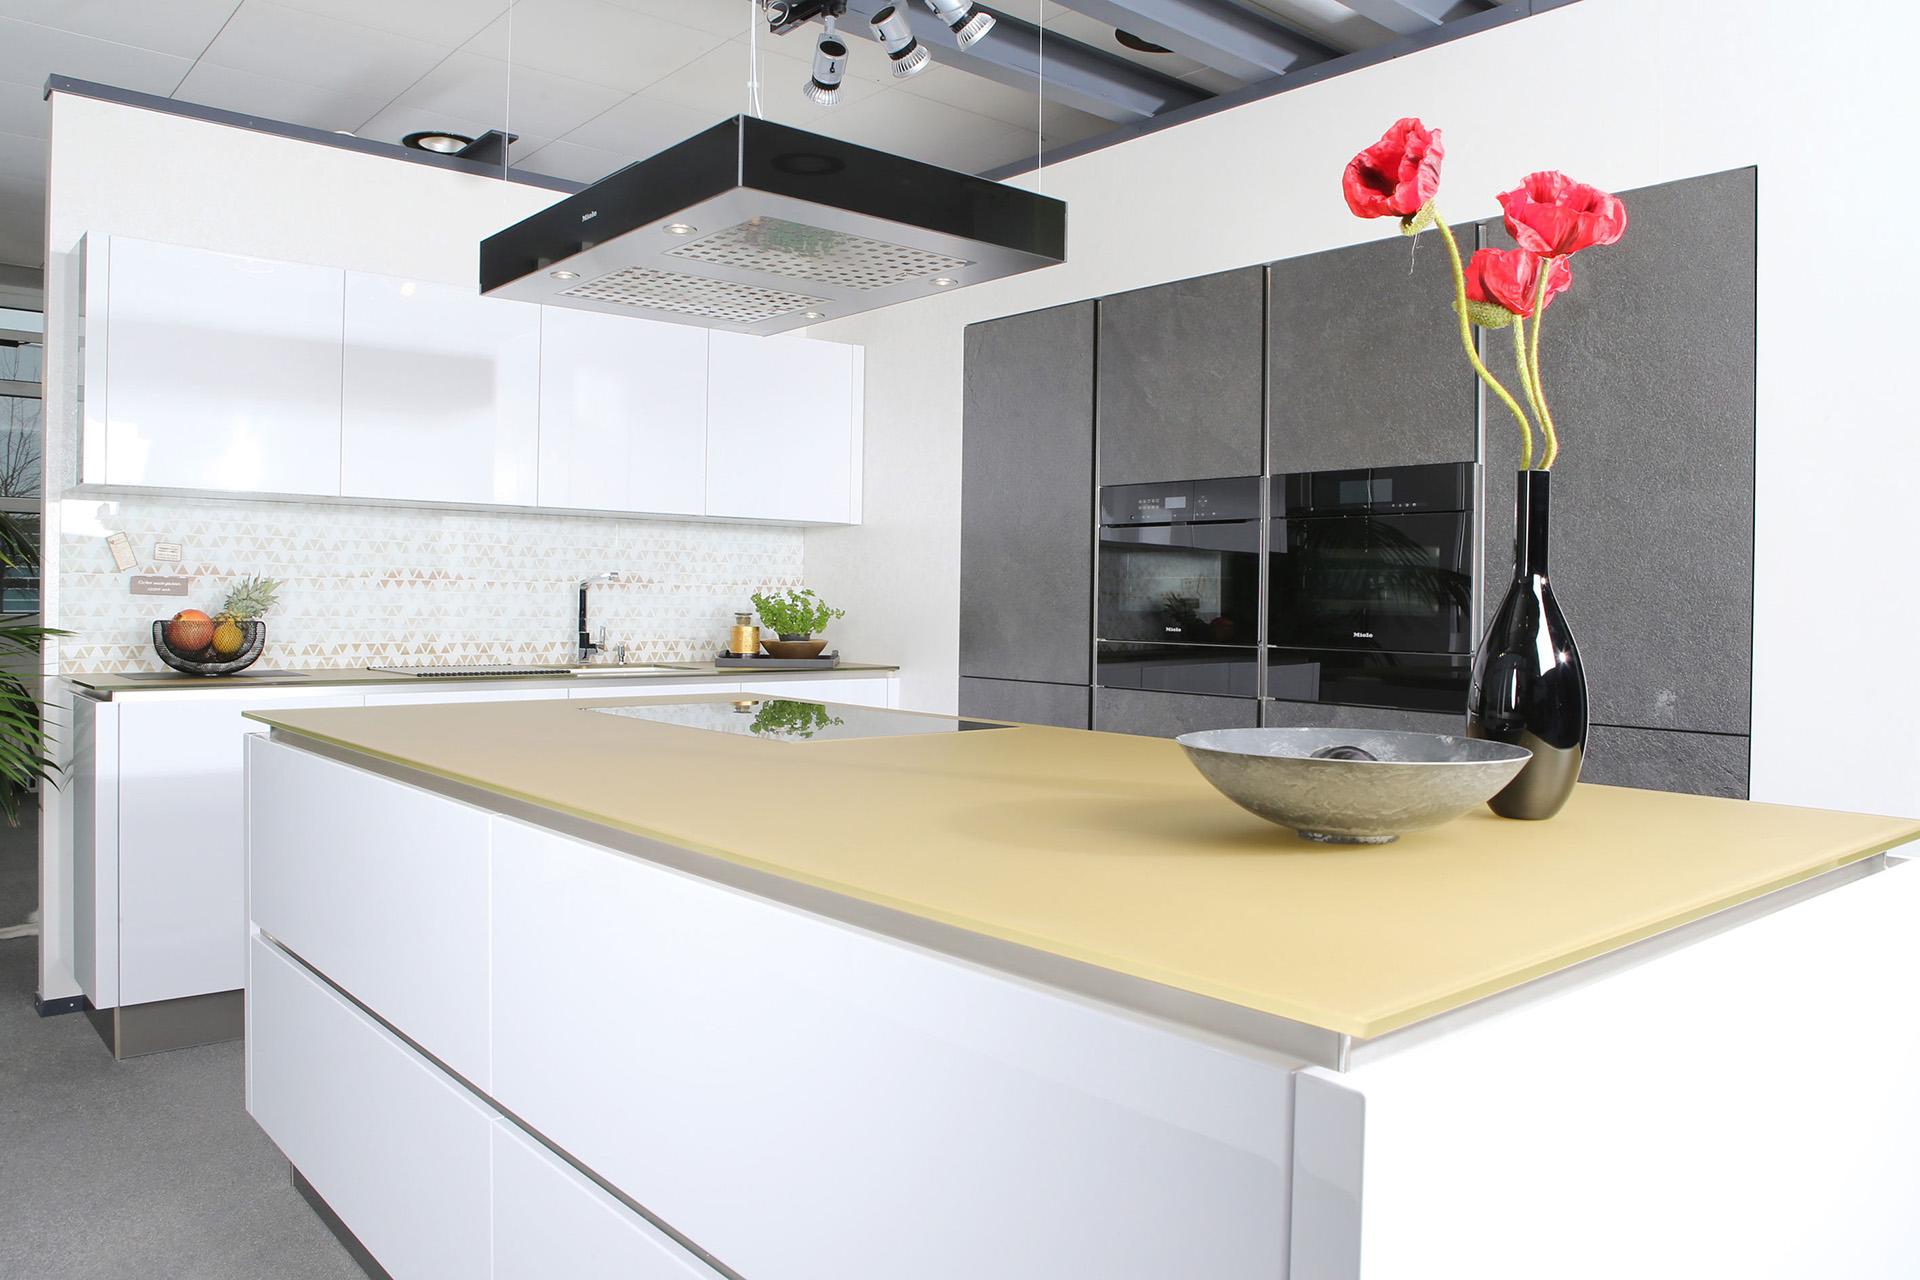 Küchenausstellung von Küchenstudio Lorinser